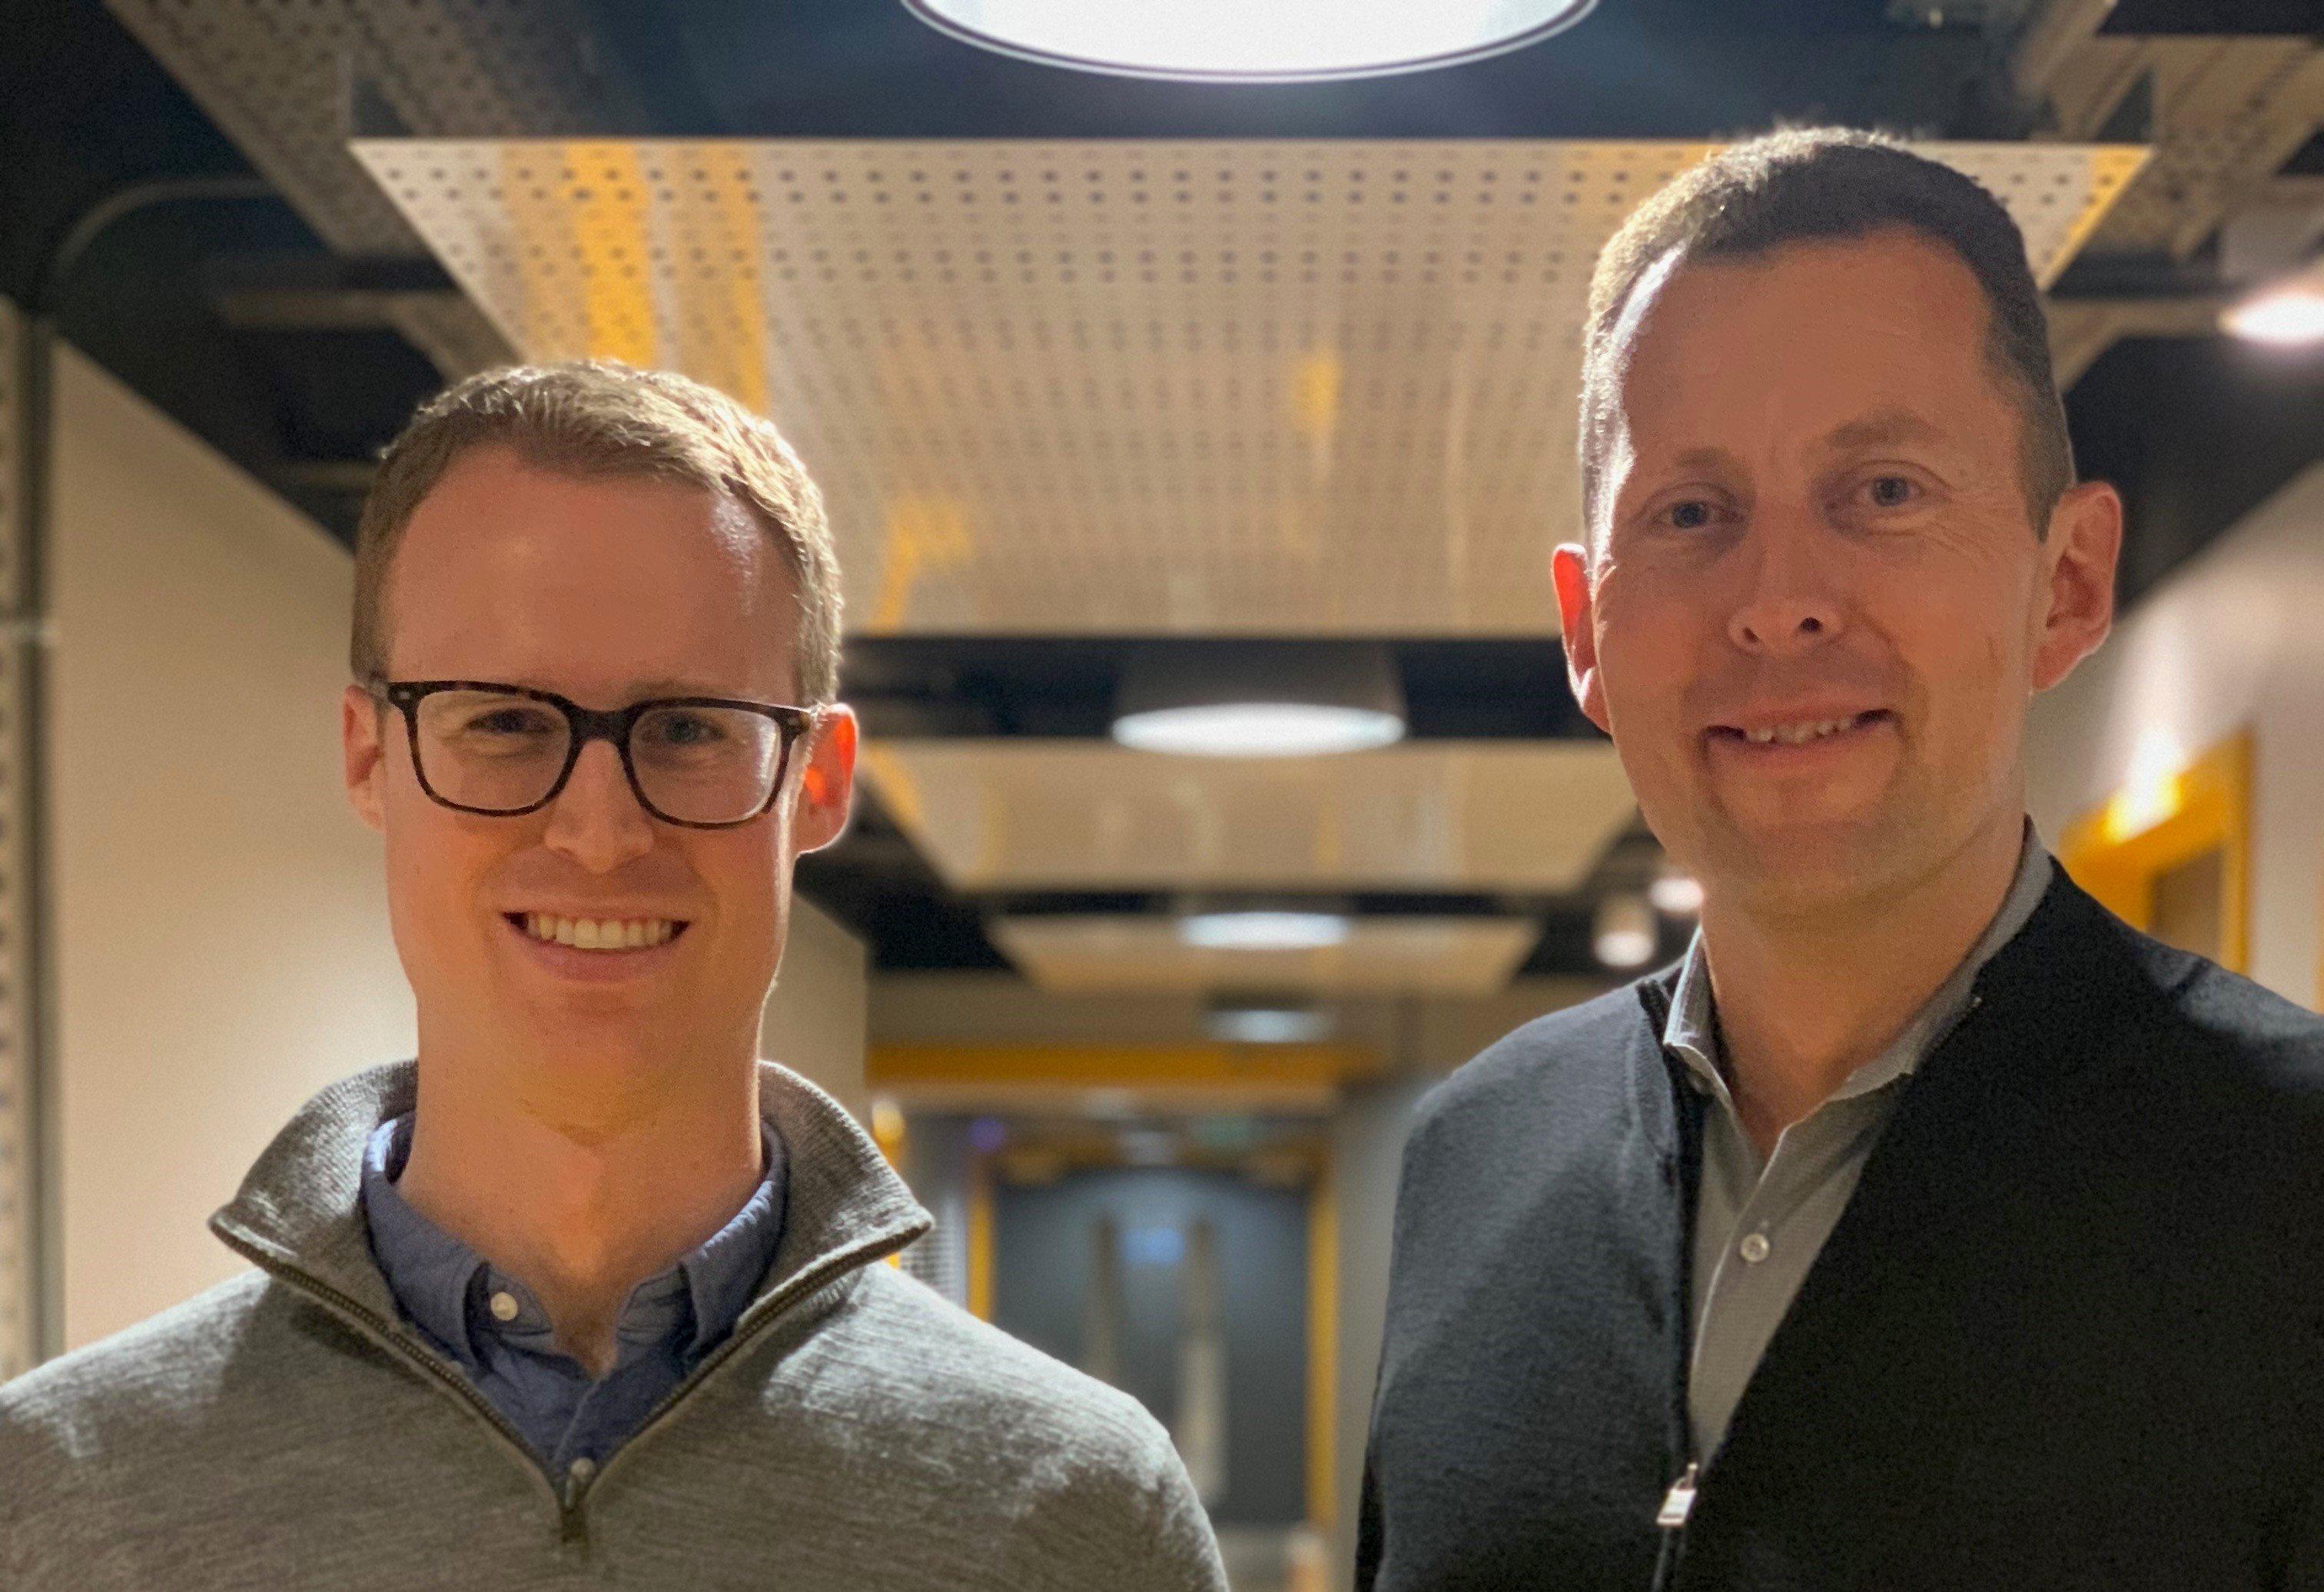 Philip Huthwaite and Martin Fincham